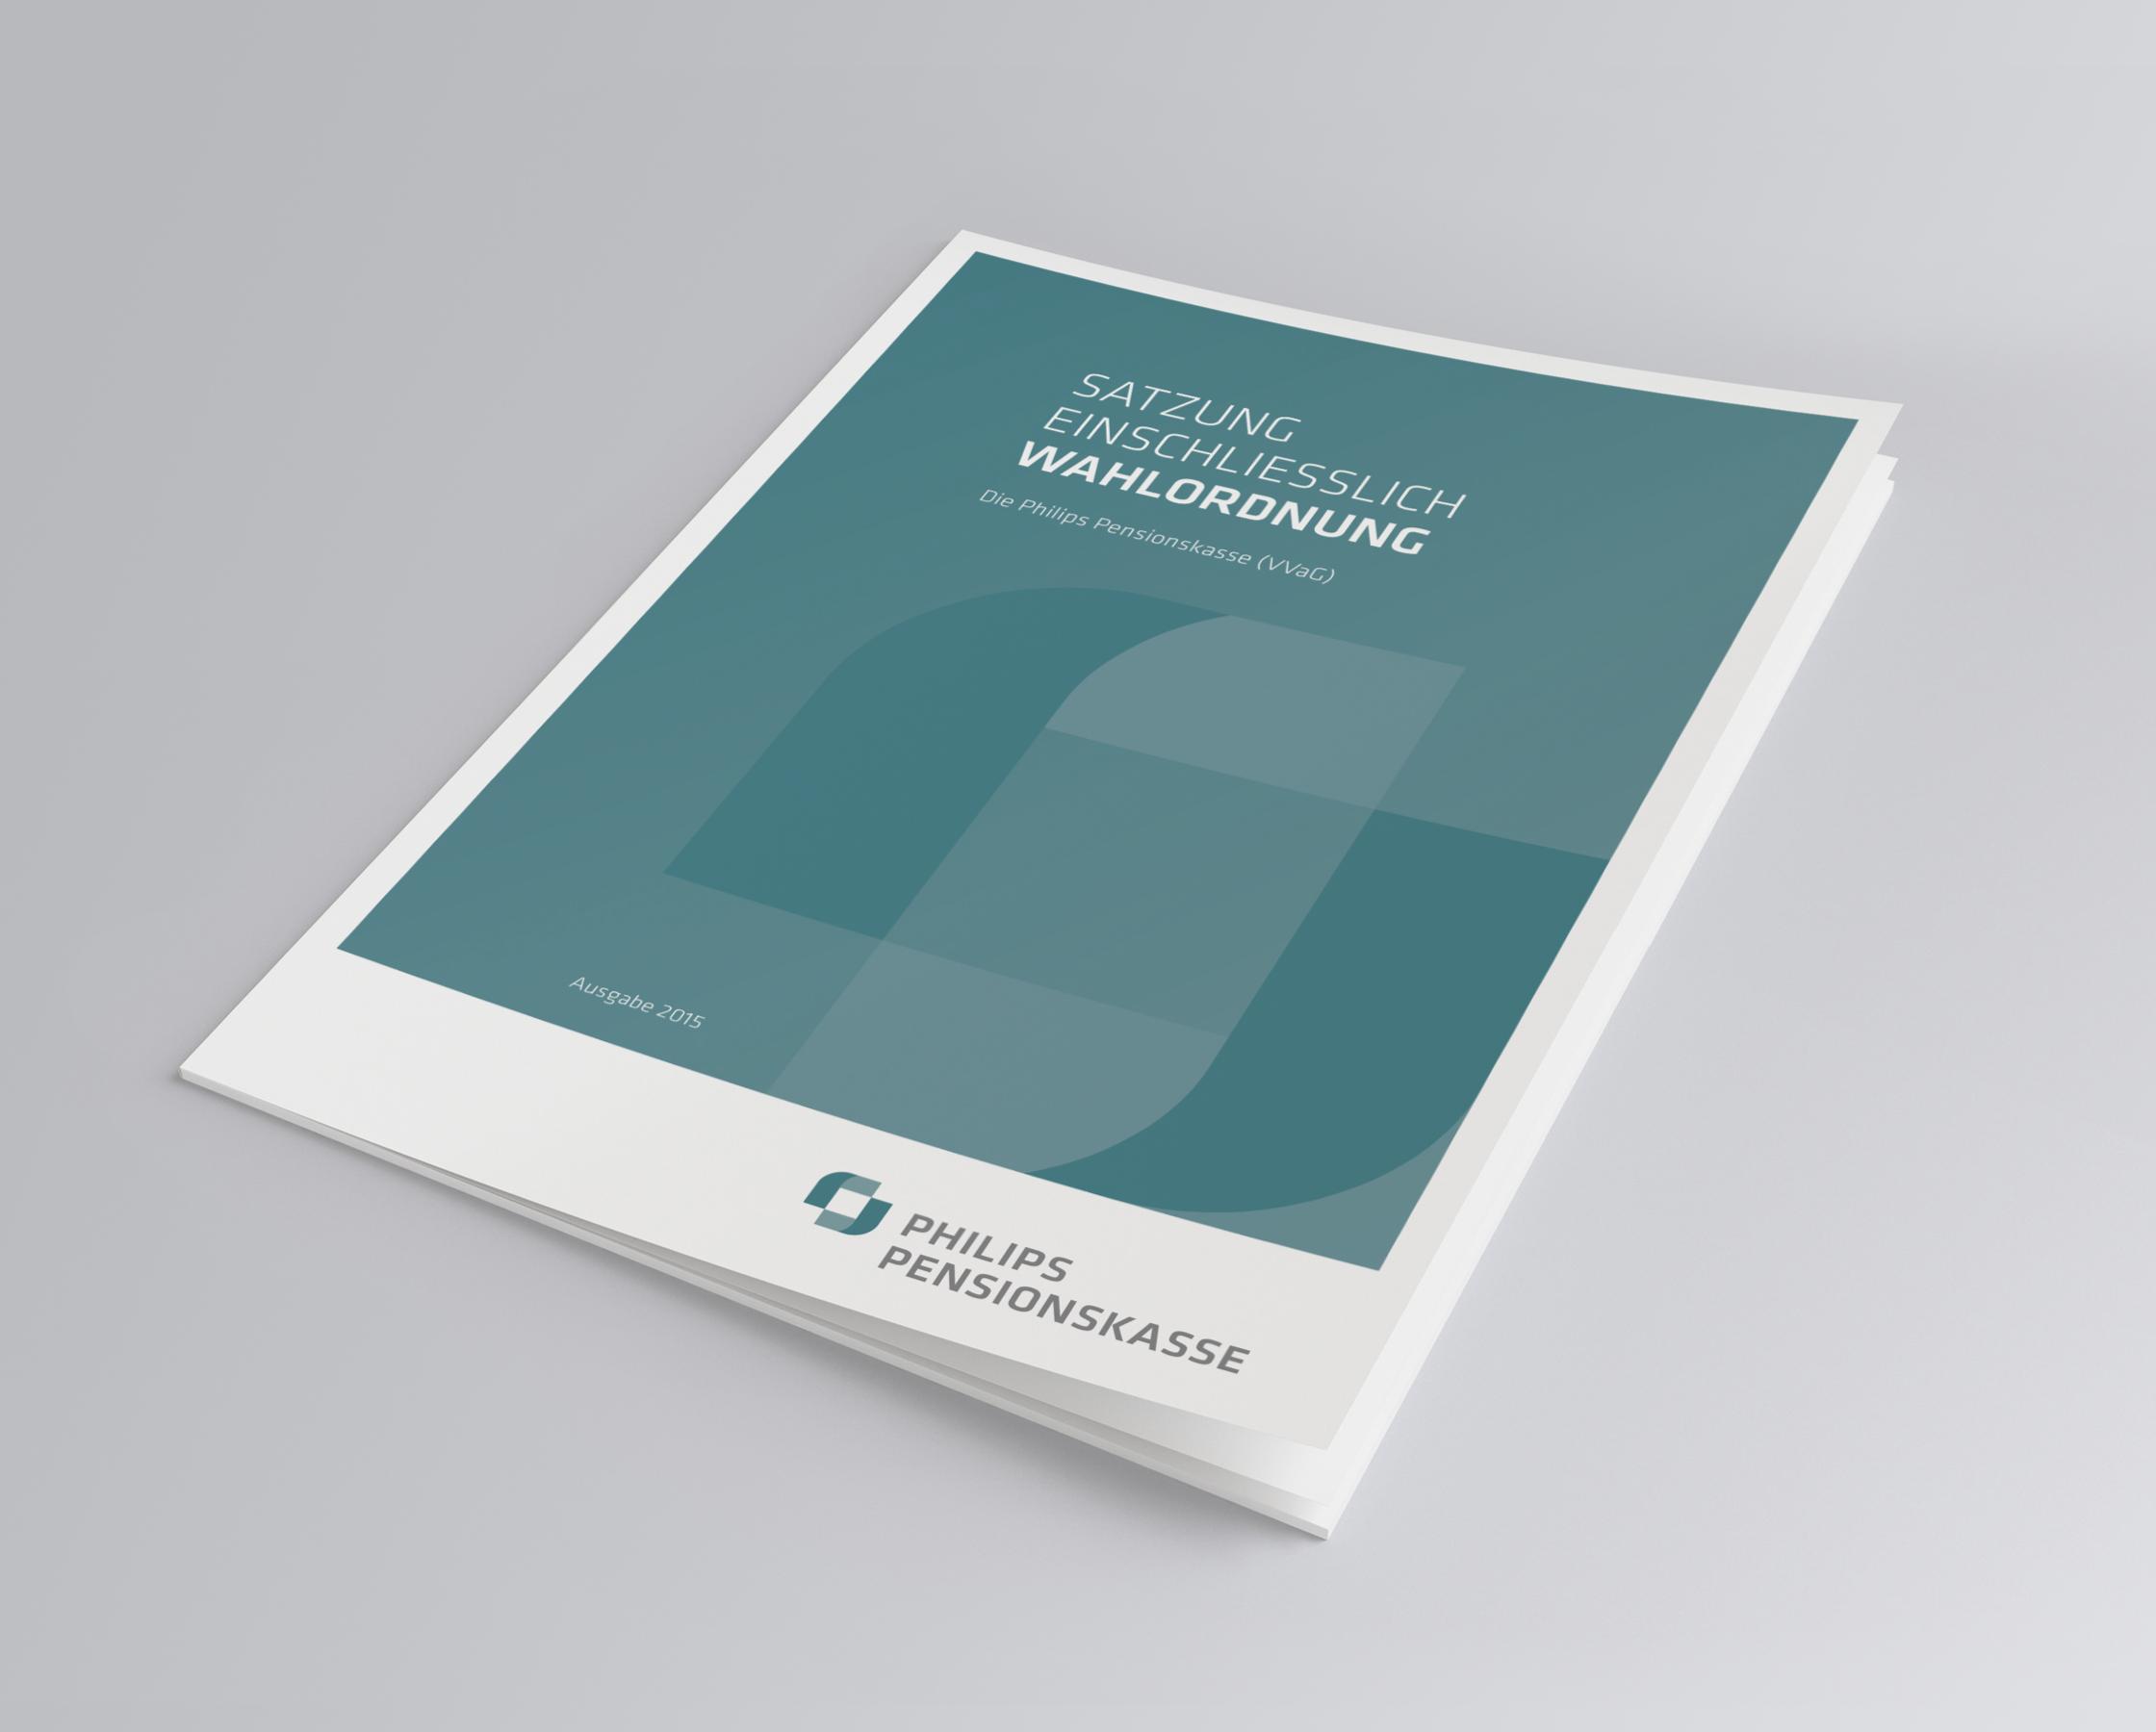 Philips Pensionskasse: CD-Entwicklung von Bosbach, Broschüren-Design